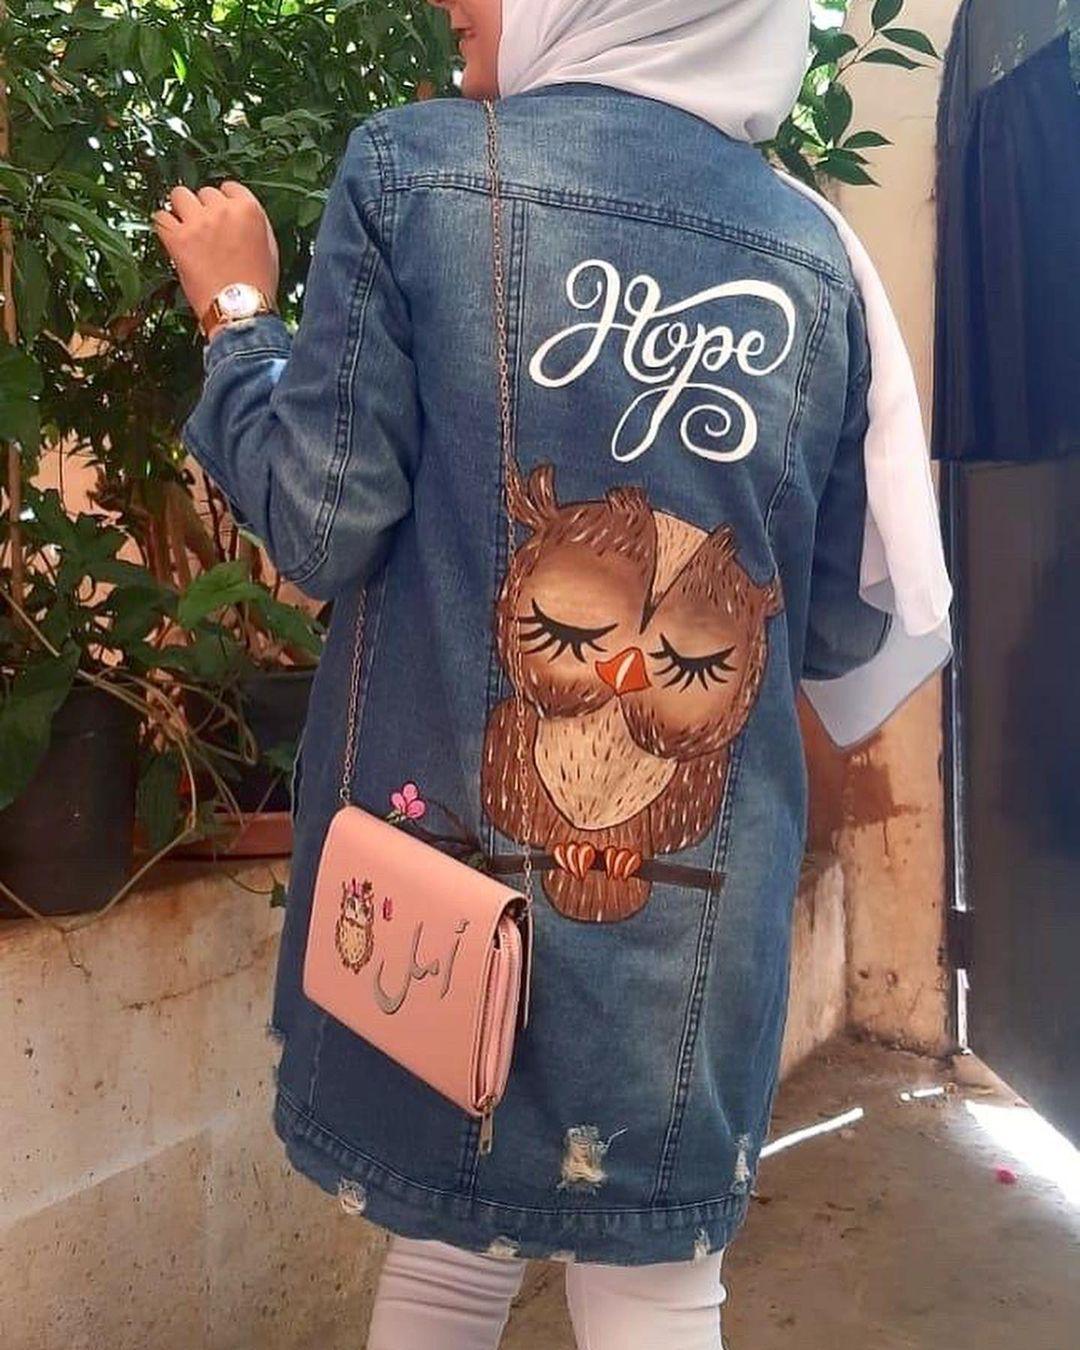 من اهضم الsets اللي عملتن لبنت اسمها أمل بتعشق البومة بومة أمل مشغل وداد Widads Workshop Owl Set Painted Clothes Hand Painted Workshop